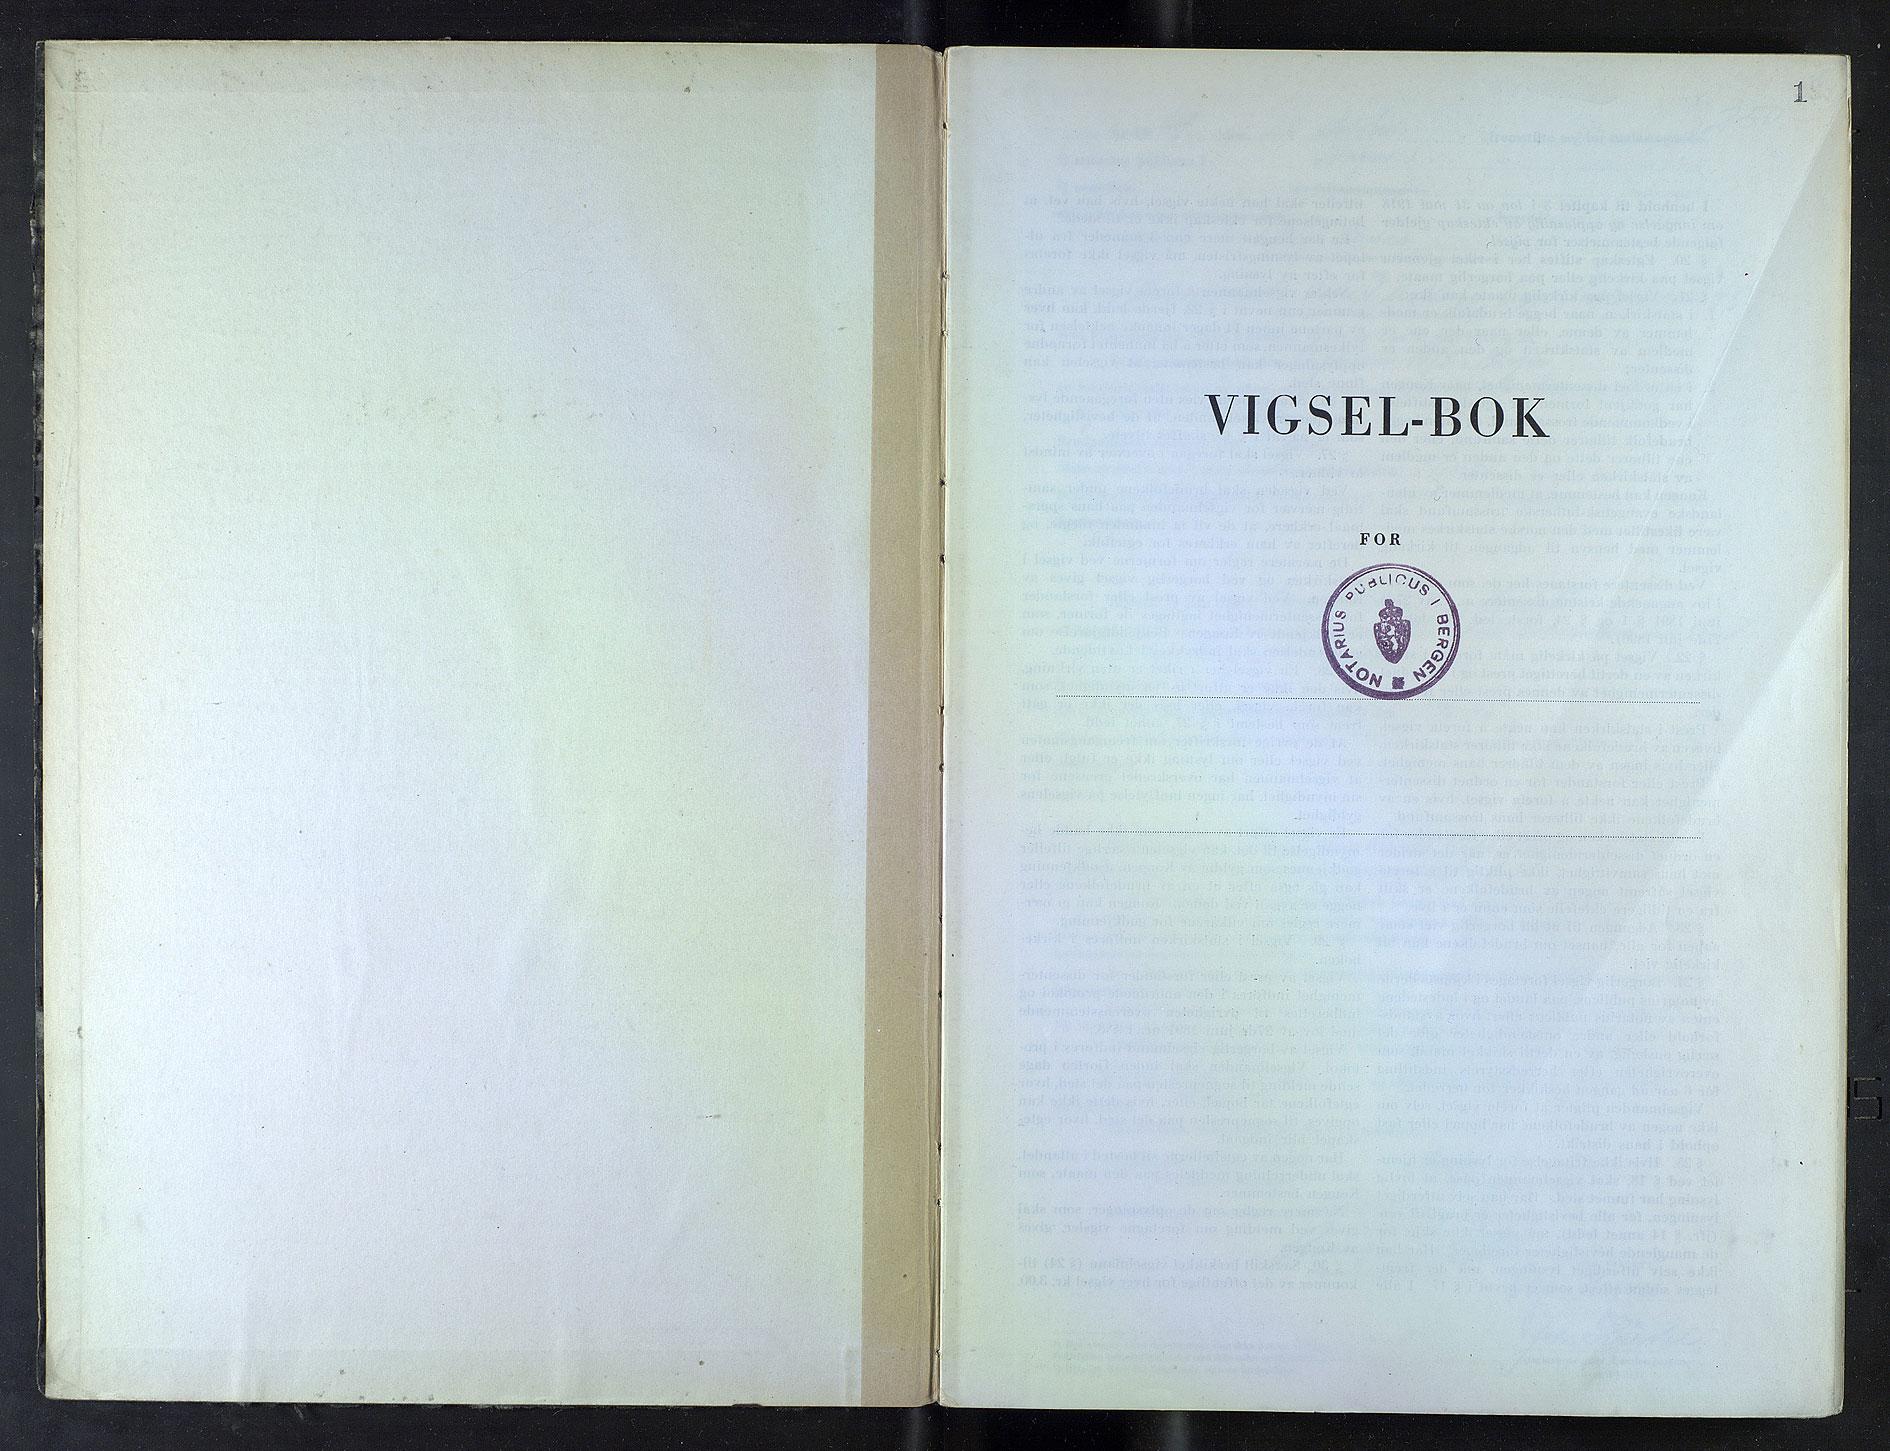 SAB, Bergen byfogd og byskriver*, 1949-1950, s. 1